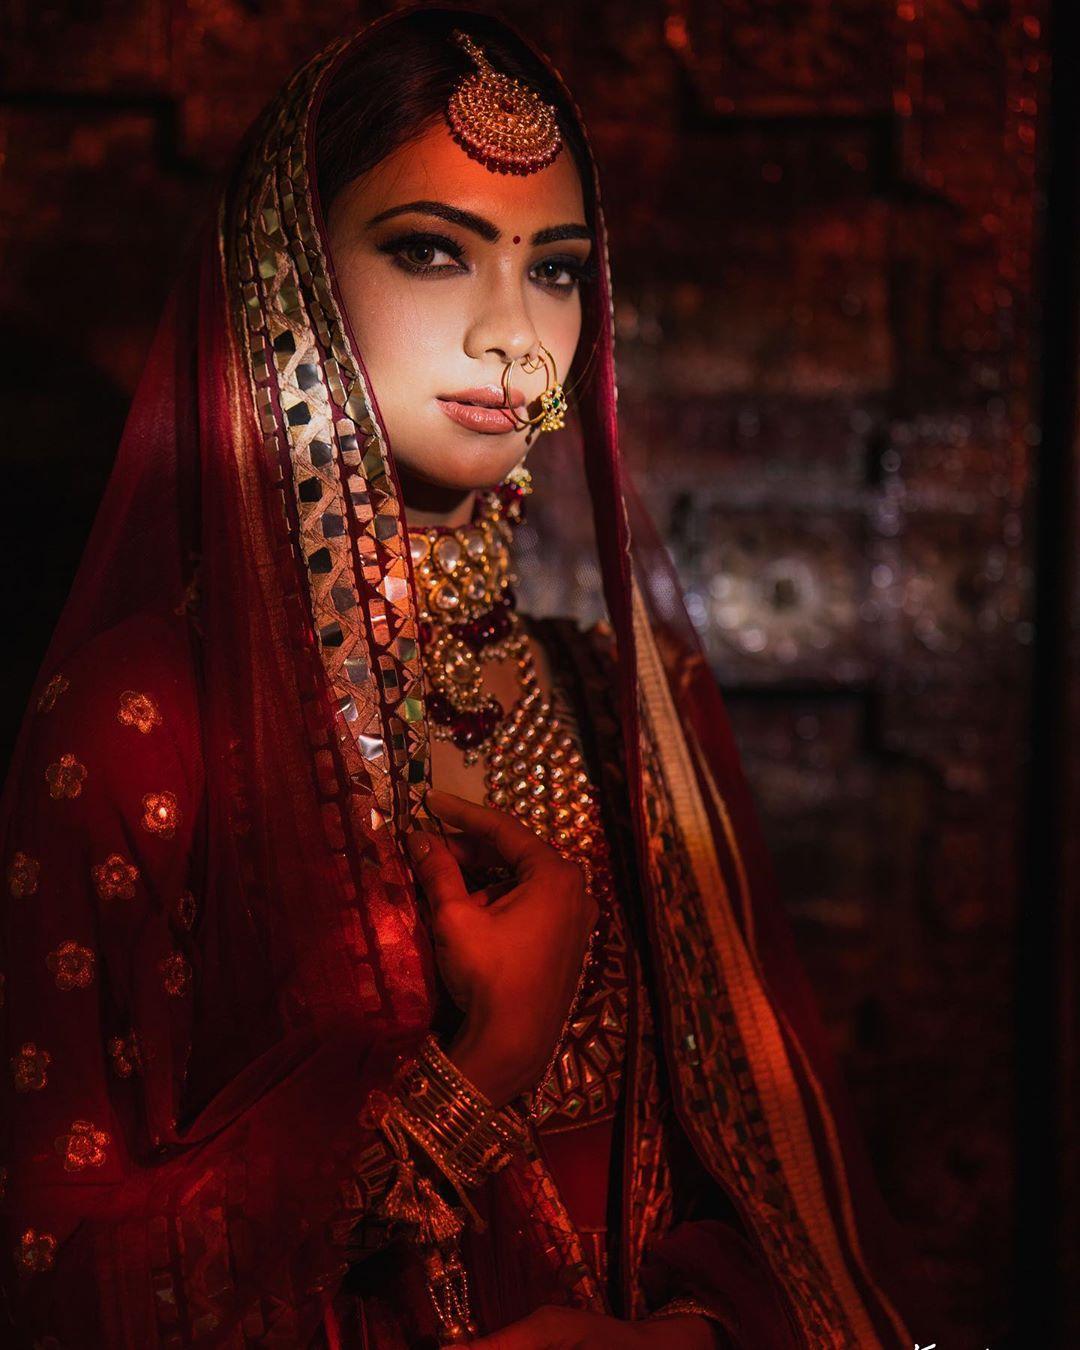 Bollywood Tadka, पूजा बनर्जी इमेज, पूजा बनर्जी फोटो, पूजा बनर्जी पिक्चर